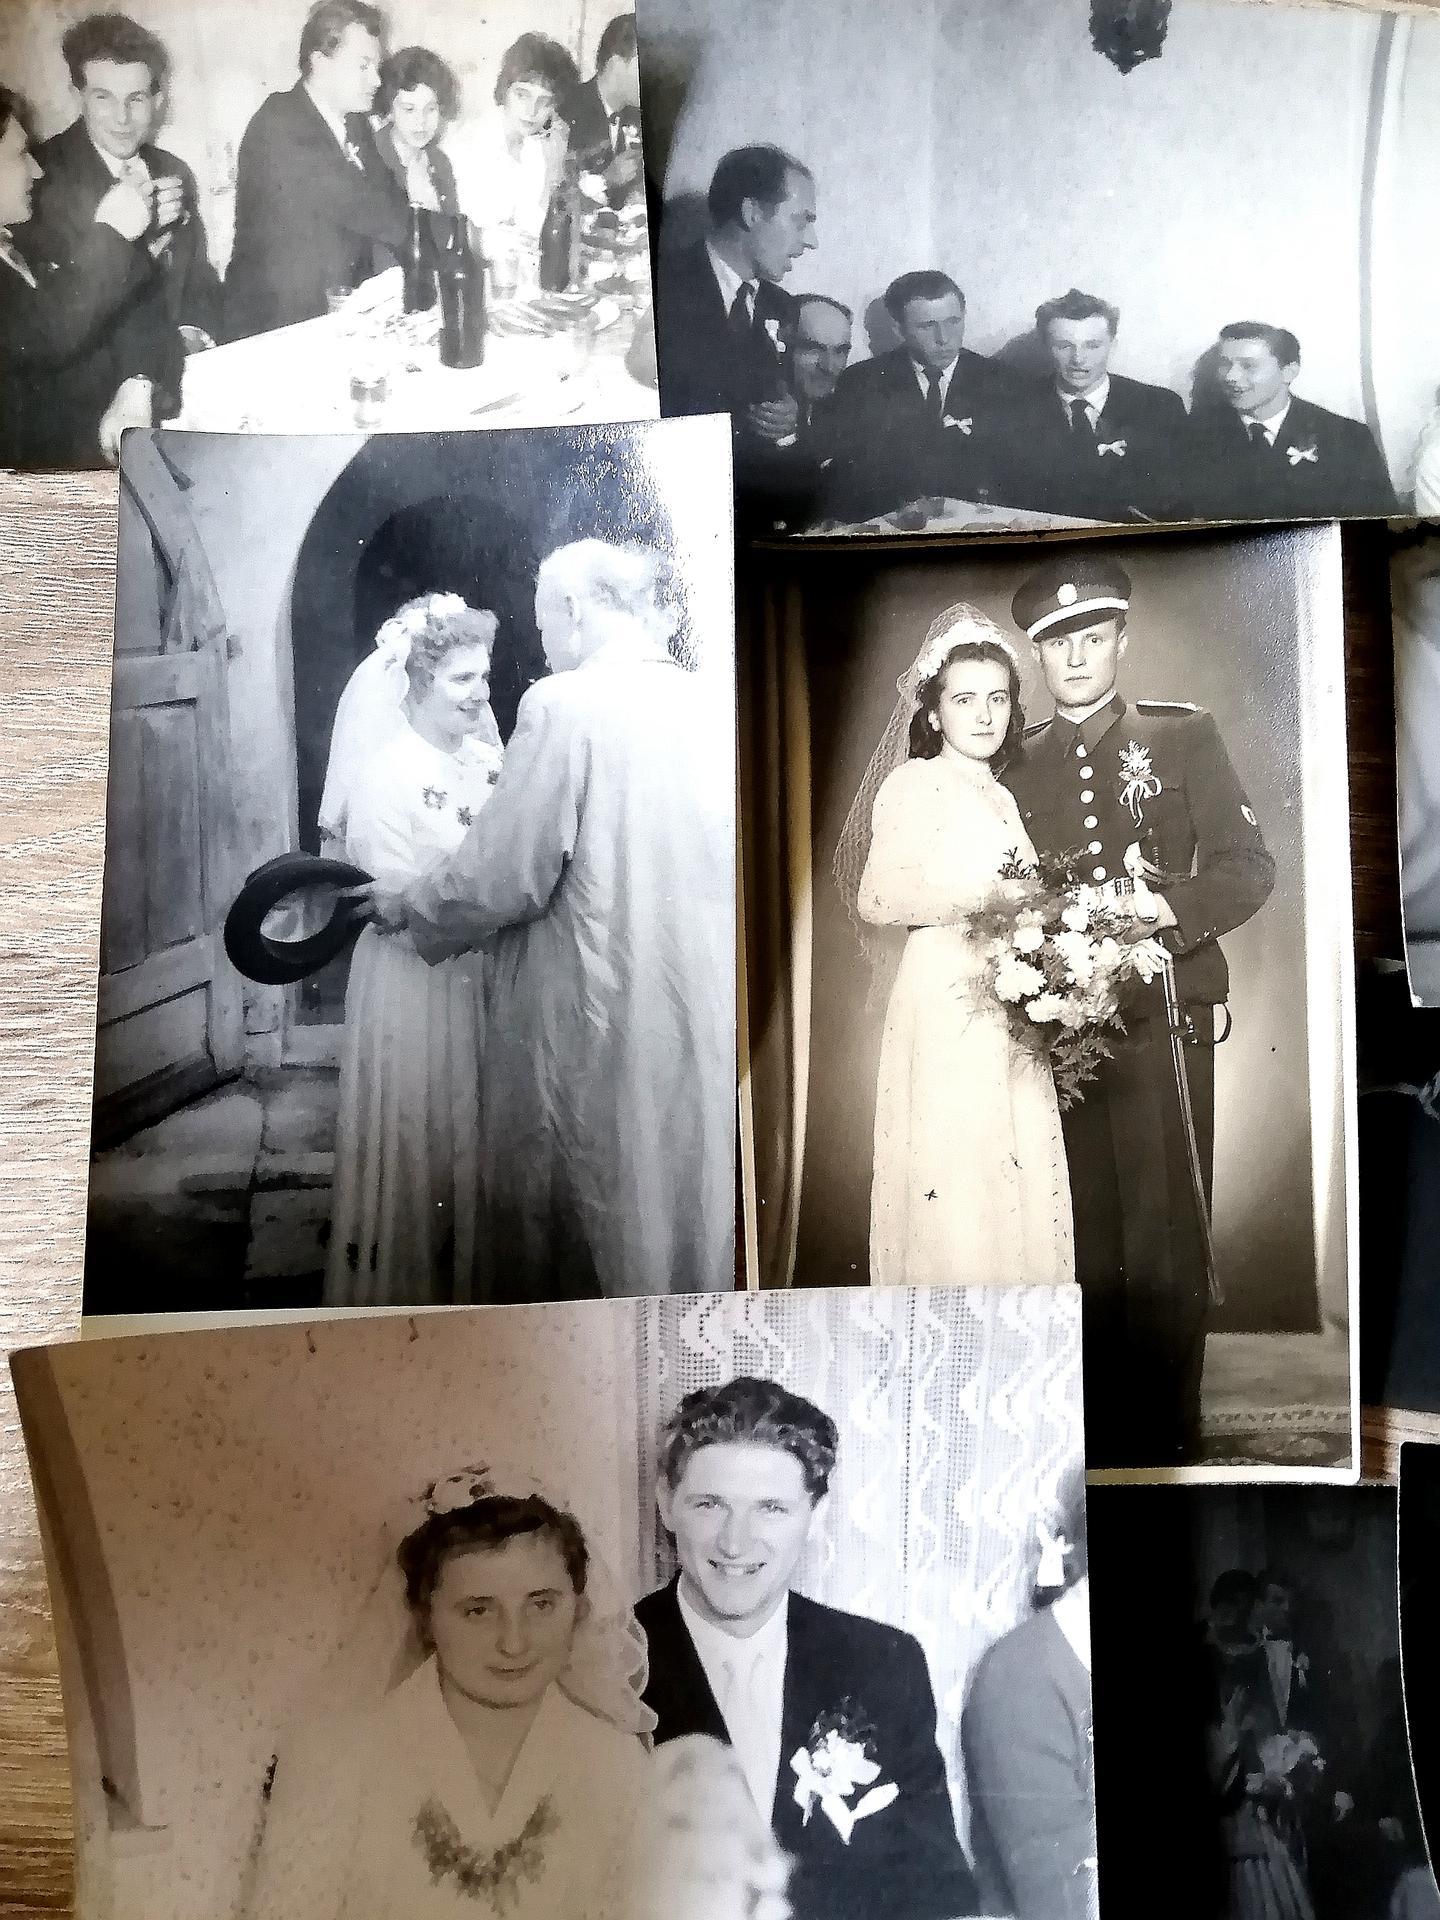 Milujem staré rodinné fotky zo svadieb ❤️❤️❤️ - Obrázok č. 2